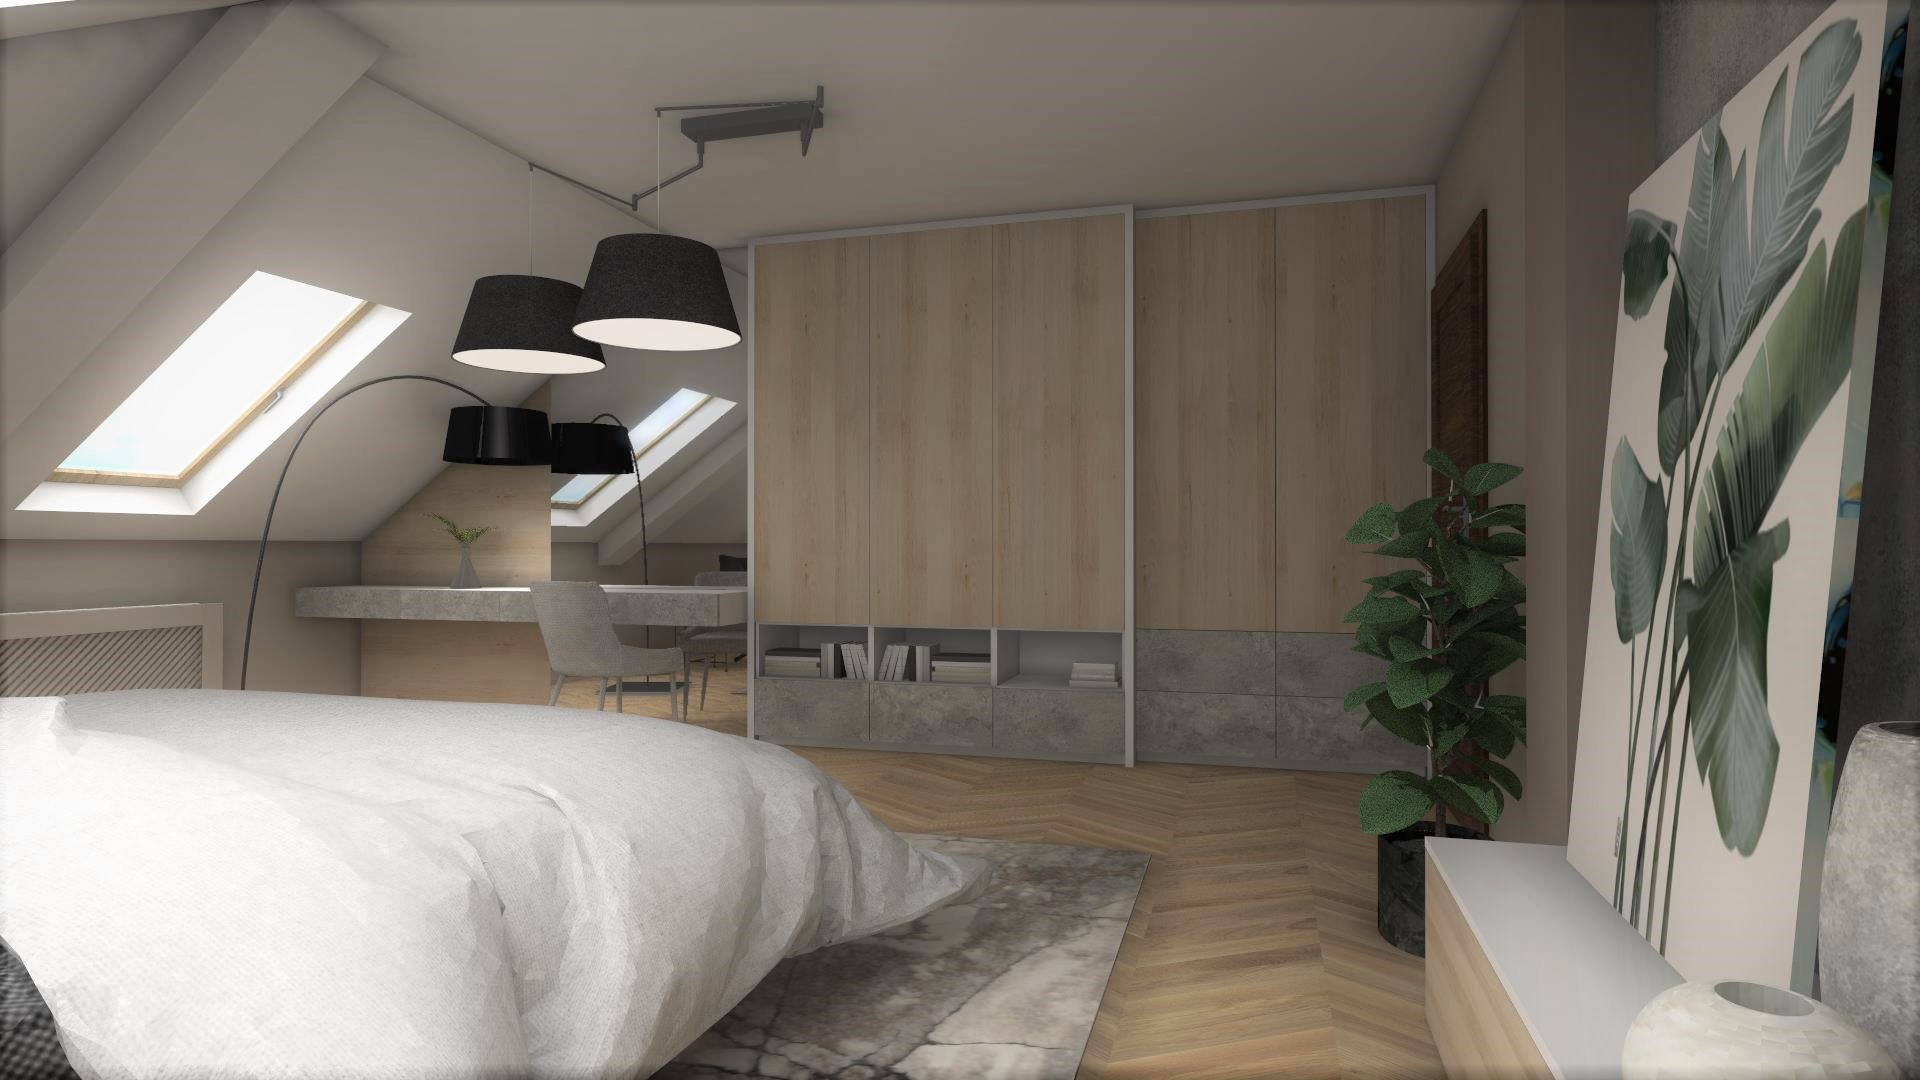 sypialnia_wnętrze_Lubin_projekt_3